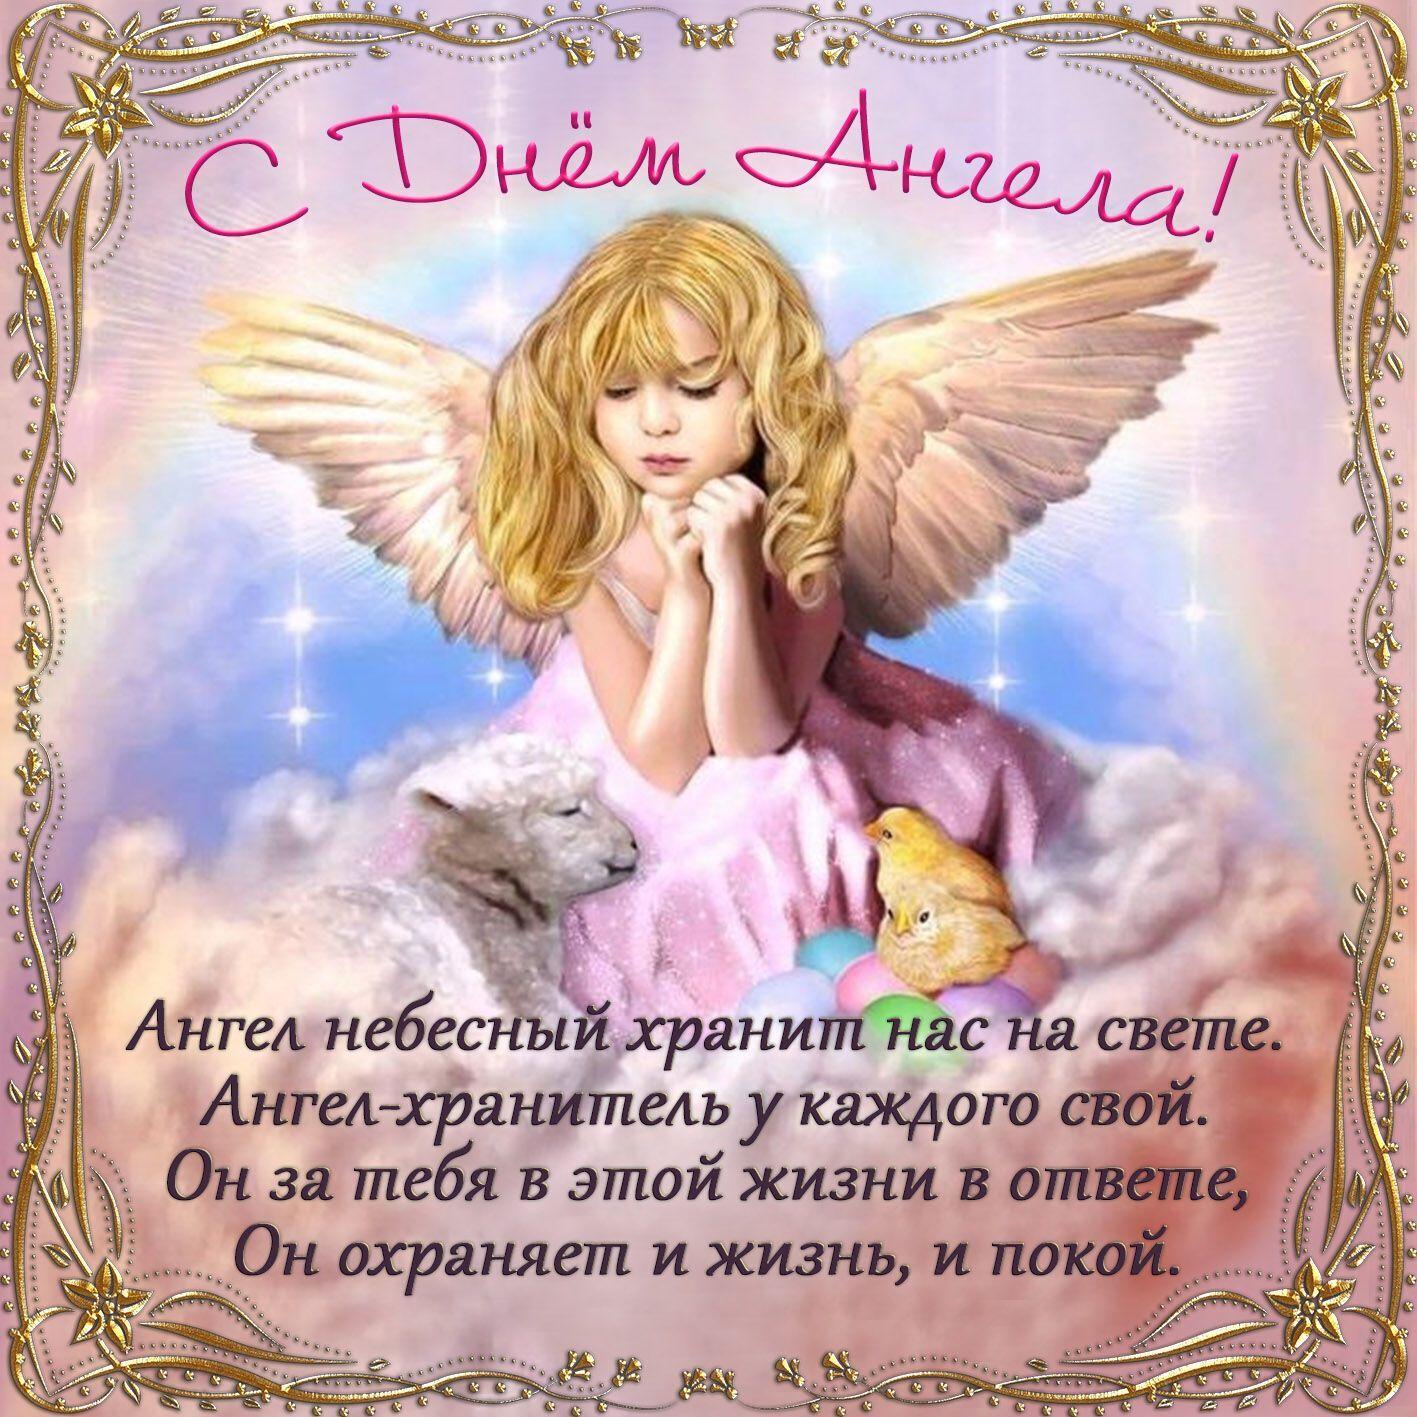 Побажання в день ангела